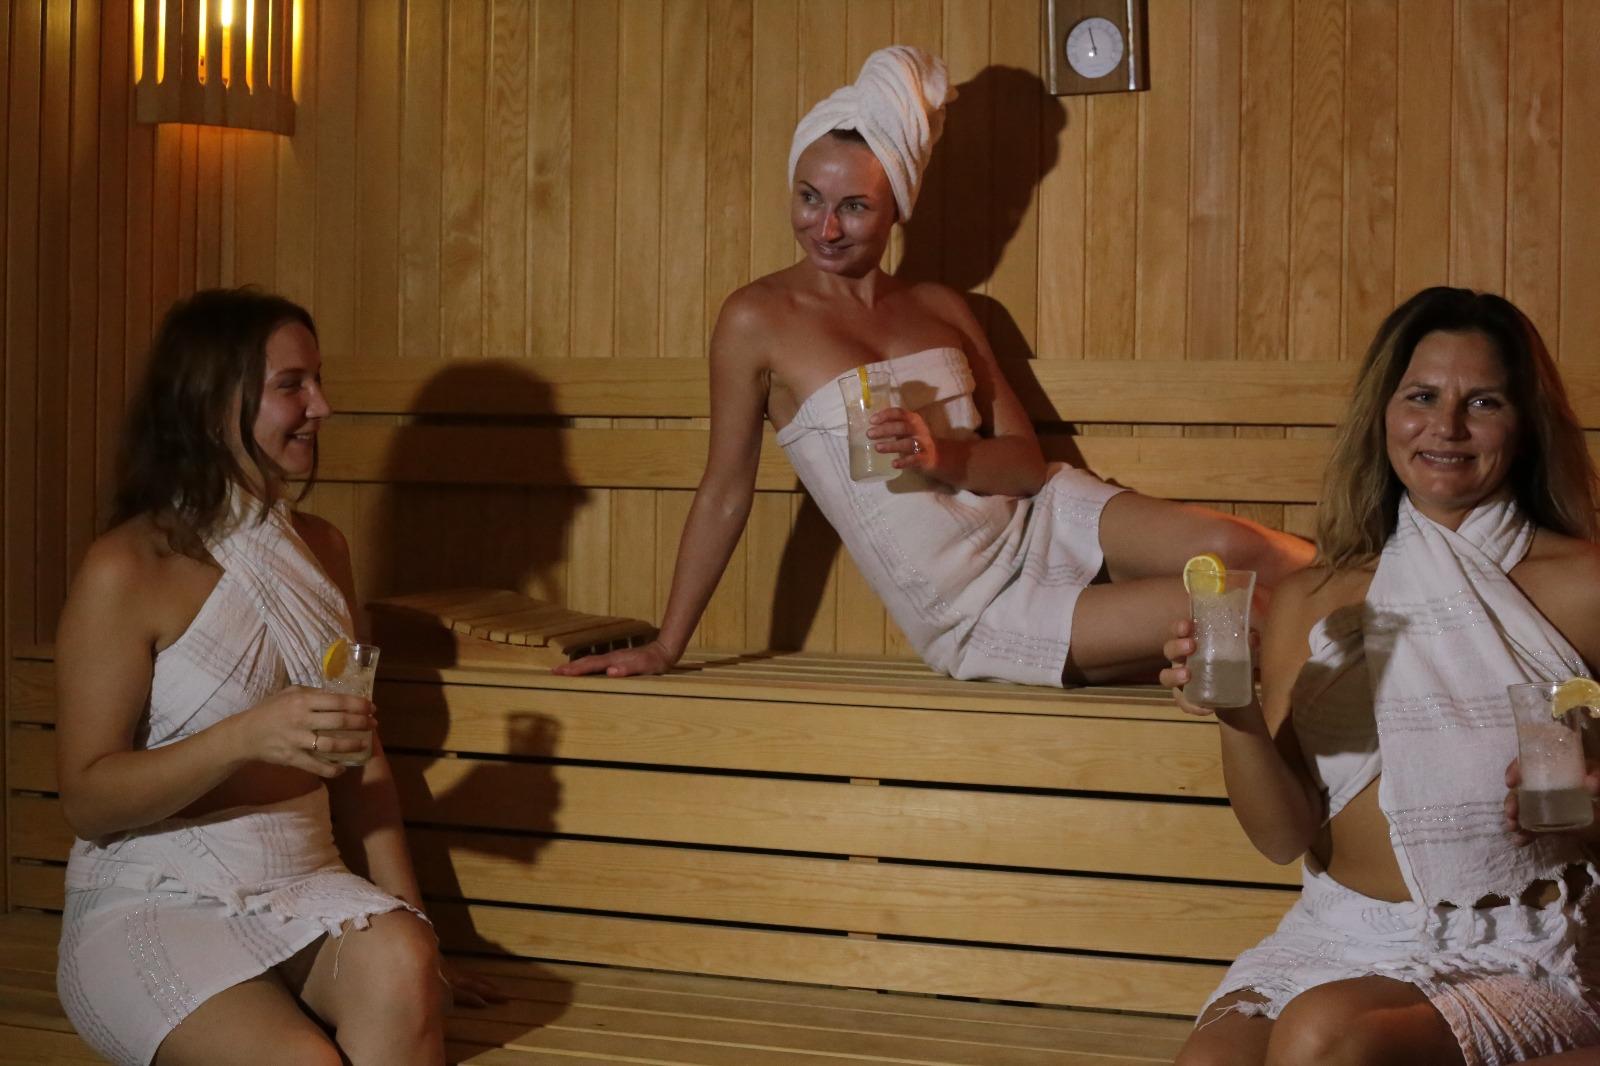 Alanya Sauna